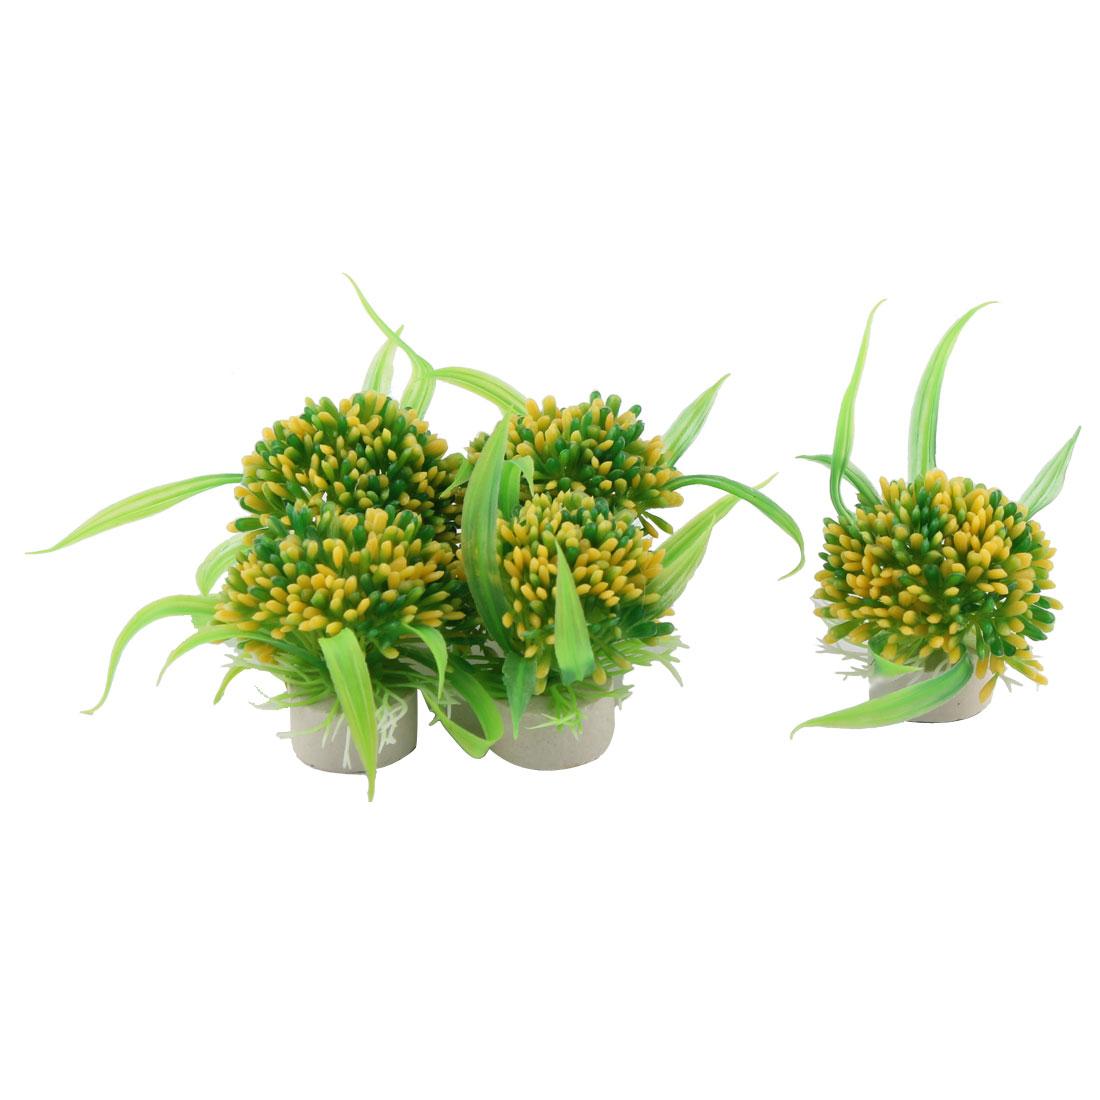 Ceramic Base Plastic Aquarium Ornament Artificial Plant Green Yellow 5 Pcs